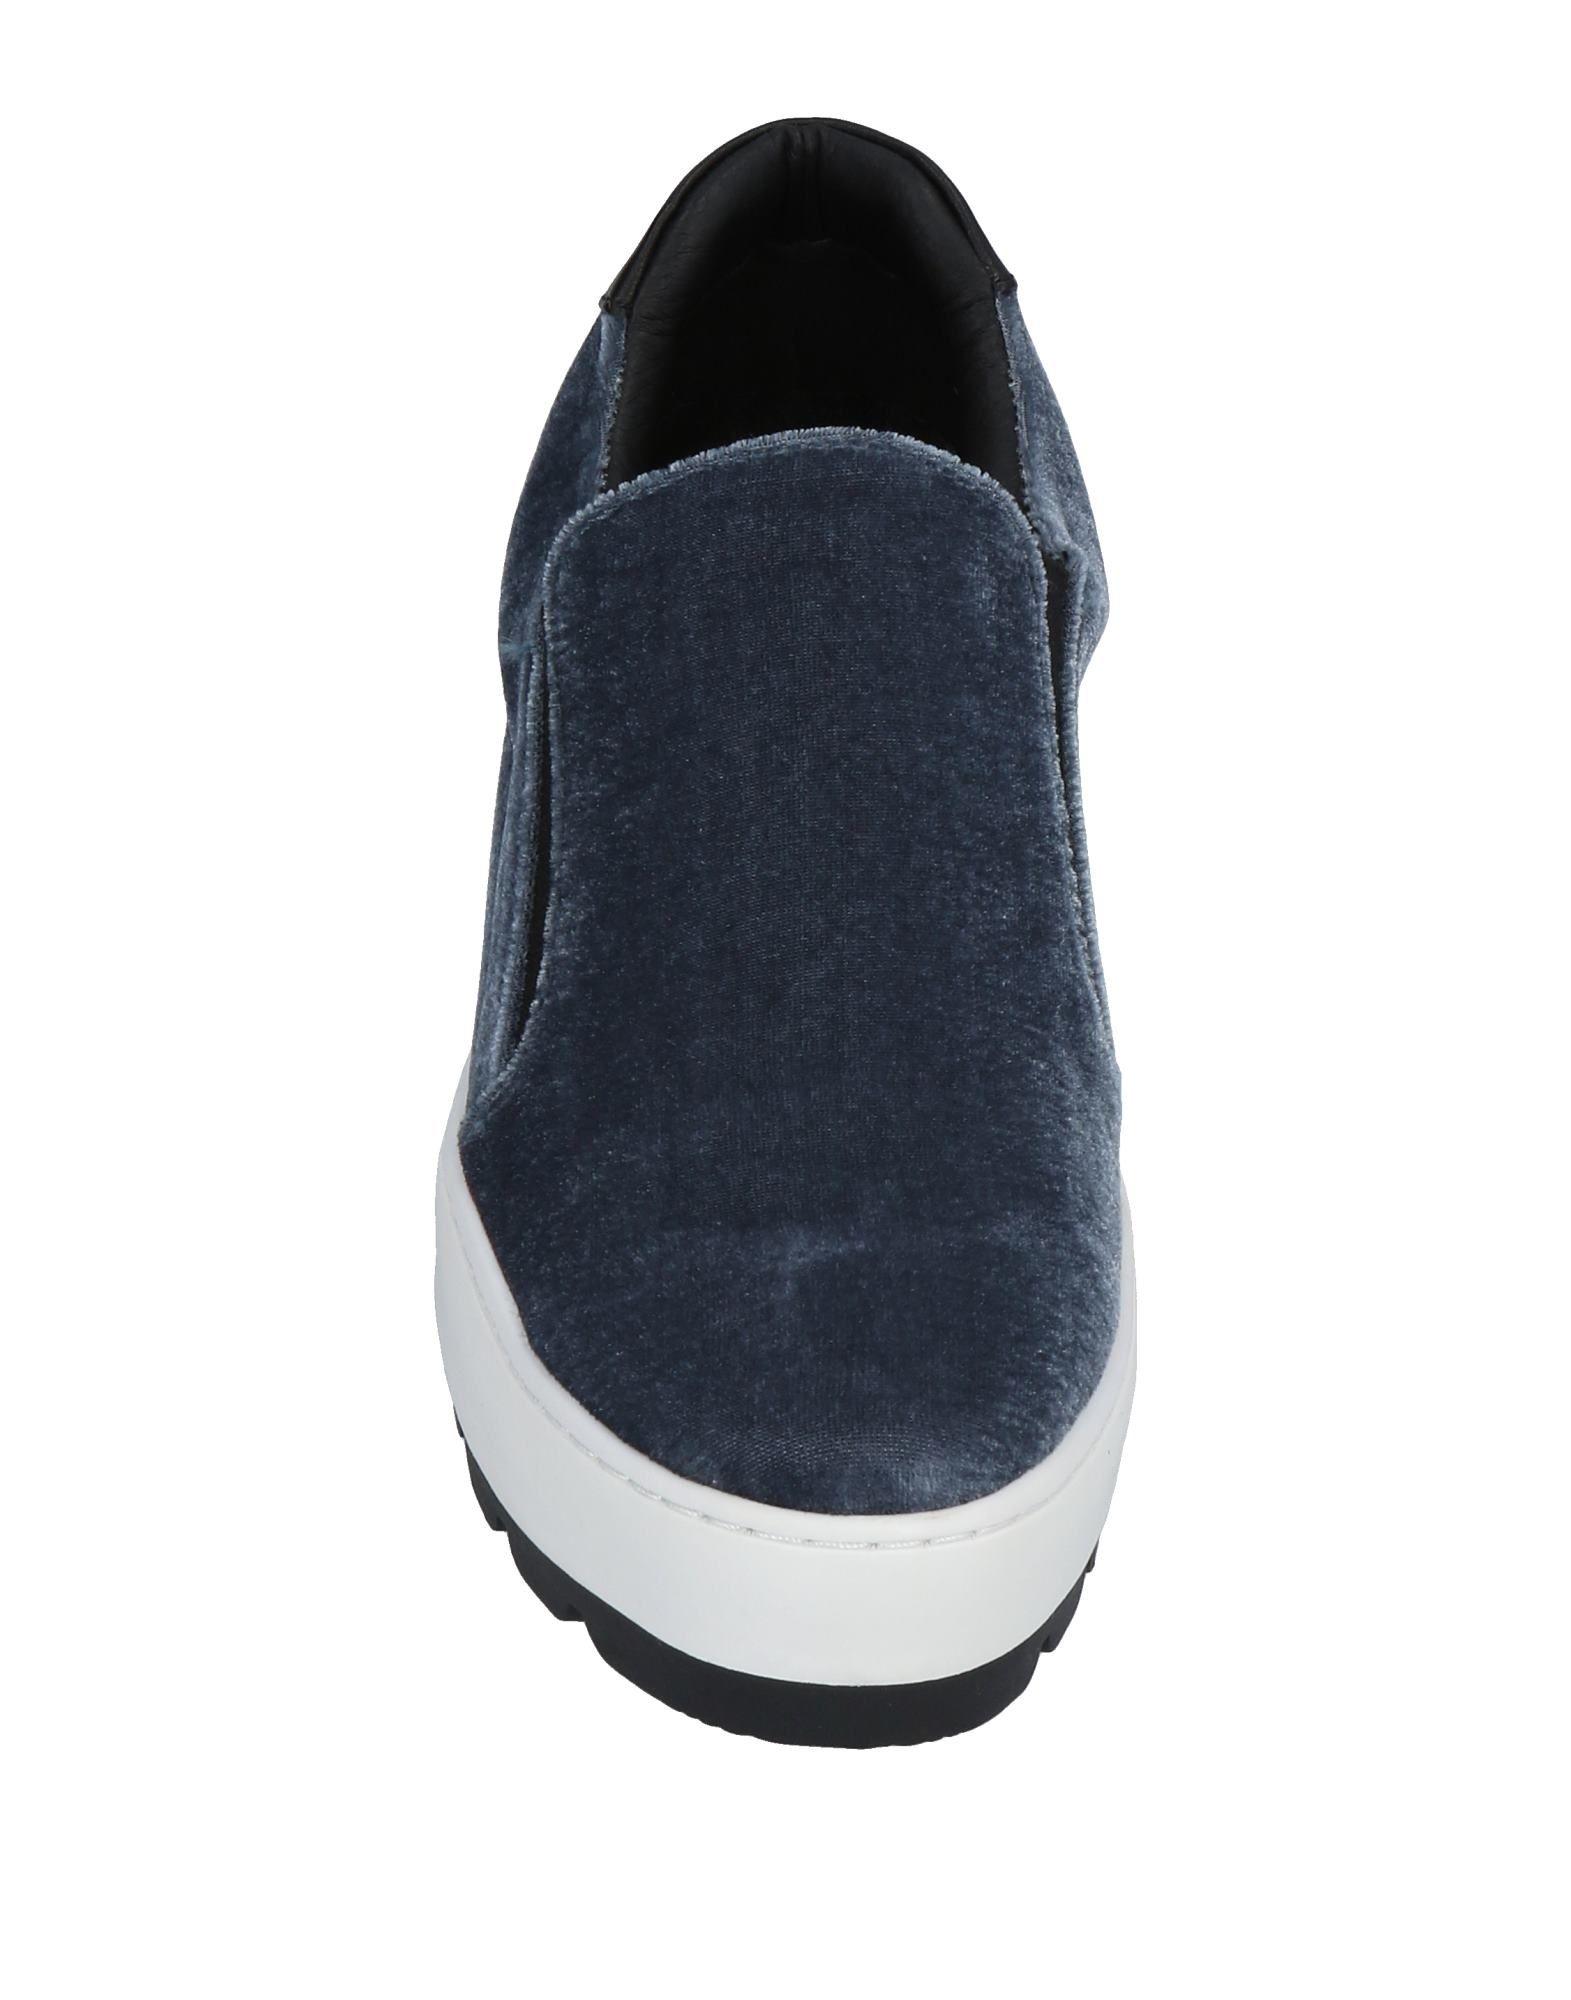 Cafènoir Sneakers Damen   11478298CJ Heiße Schuhe e0262a